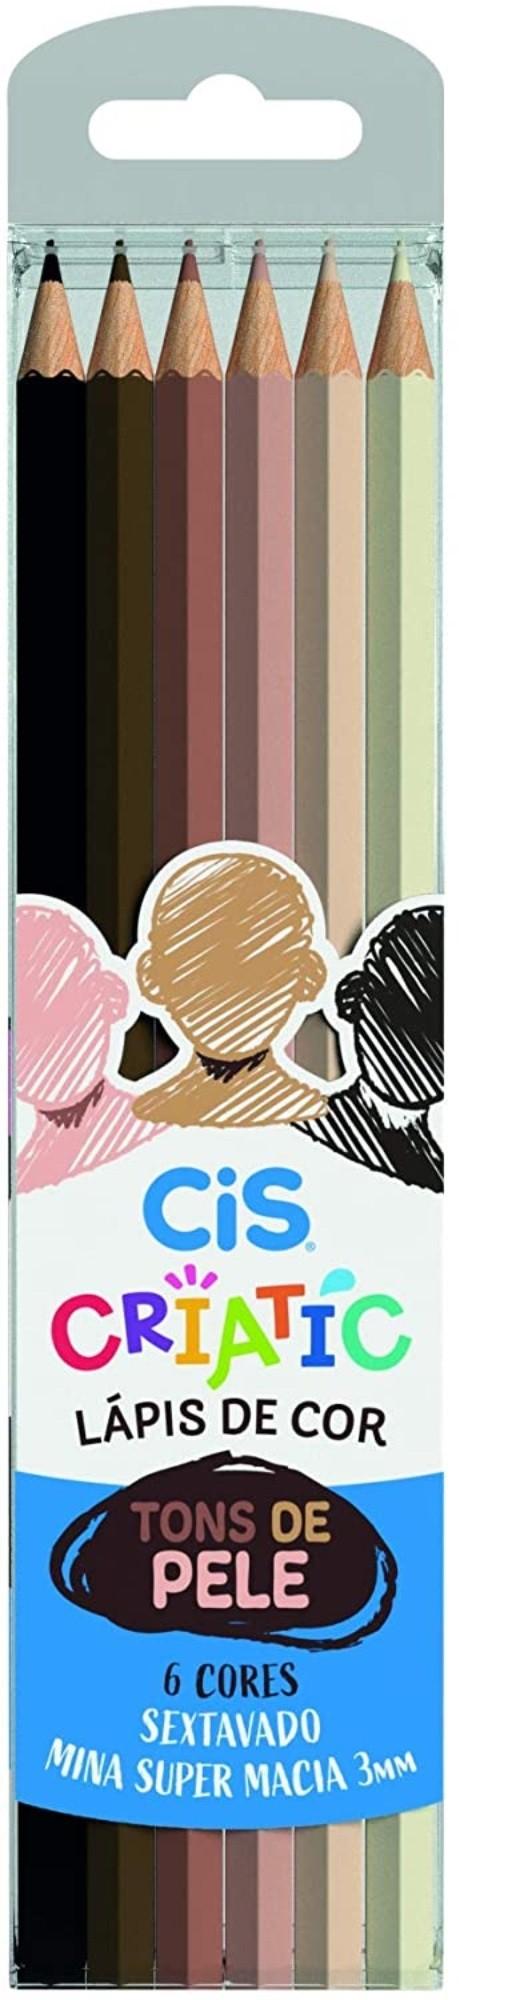 Lápis De Cor Tons De Pele Criatic Cis 6 Cores